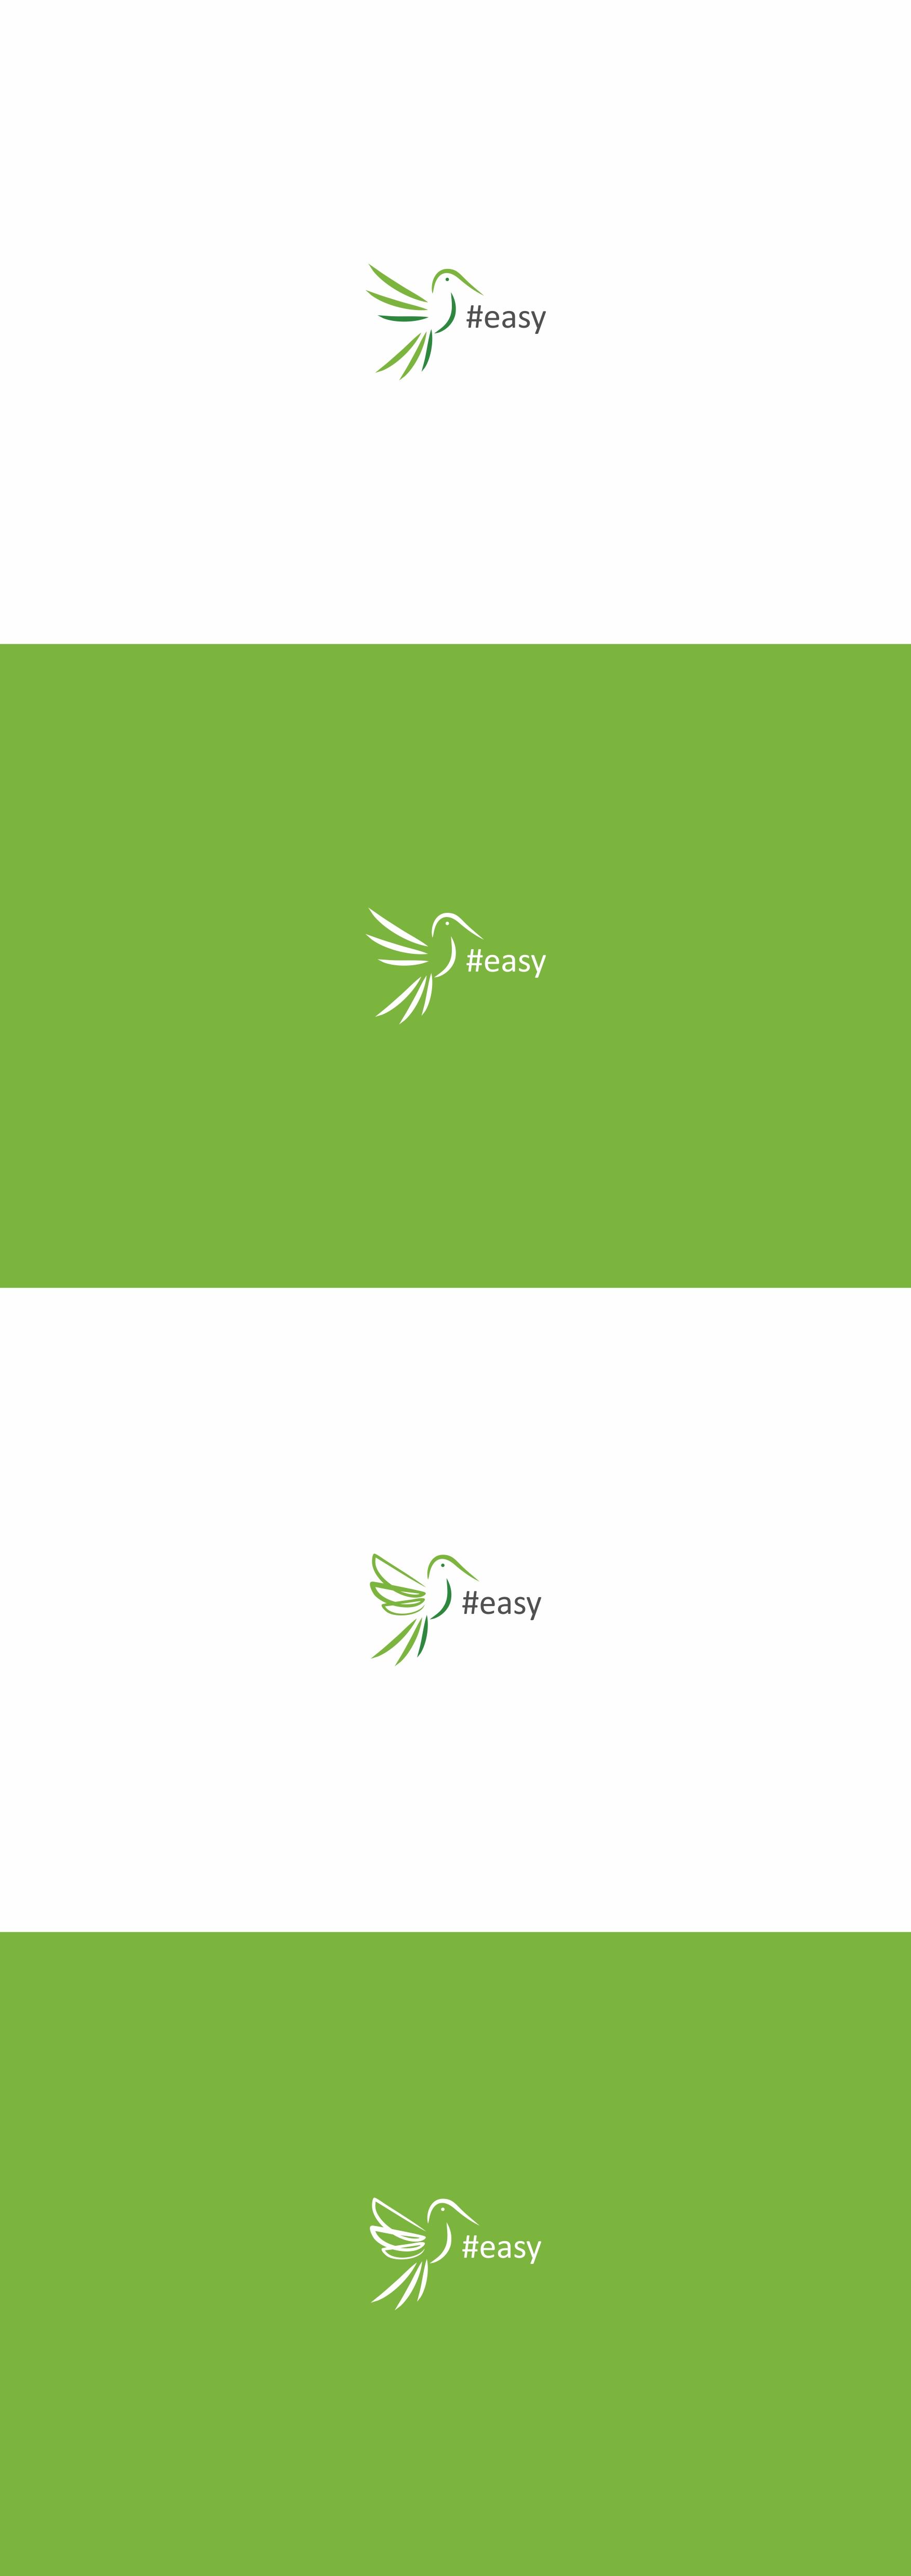 Разработка логотипа в виде хэштега #easy с зеленой колибри  фото f_8205d5170f3a32bb.jpg